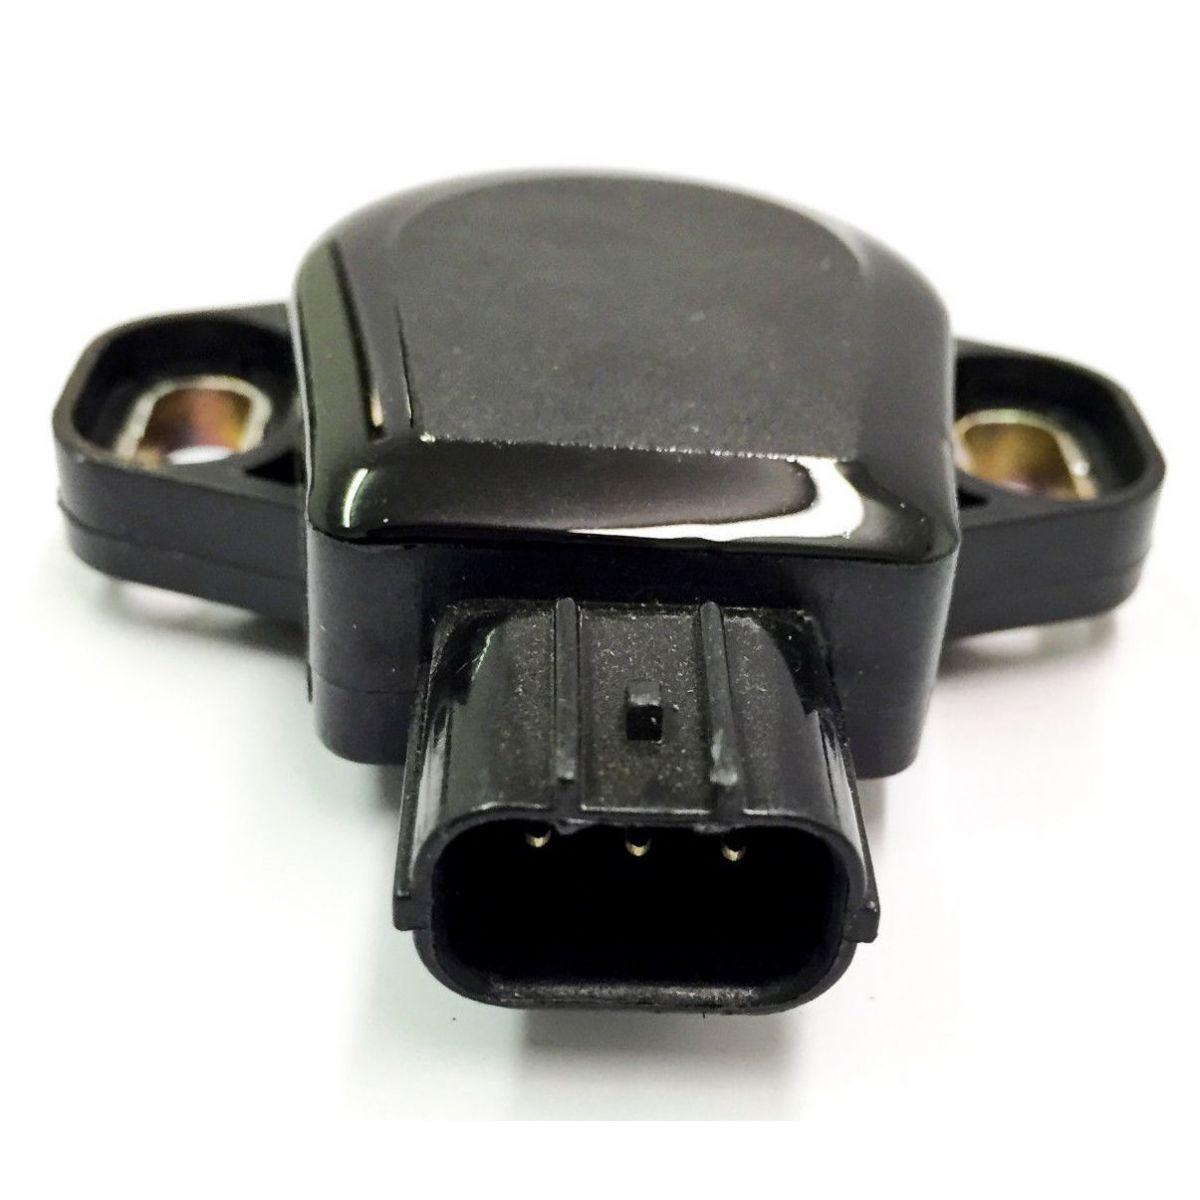 Sensor de Posicao Borboleta Hornet 600 Cbr600 Cbr1000 Injetada de 2008 À 2014 -  Original Keihin